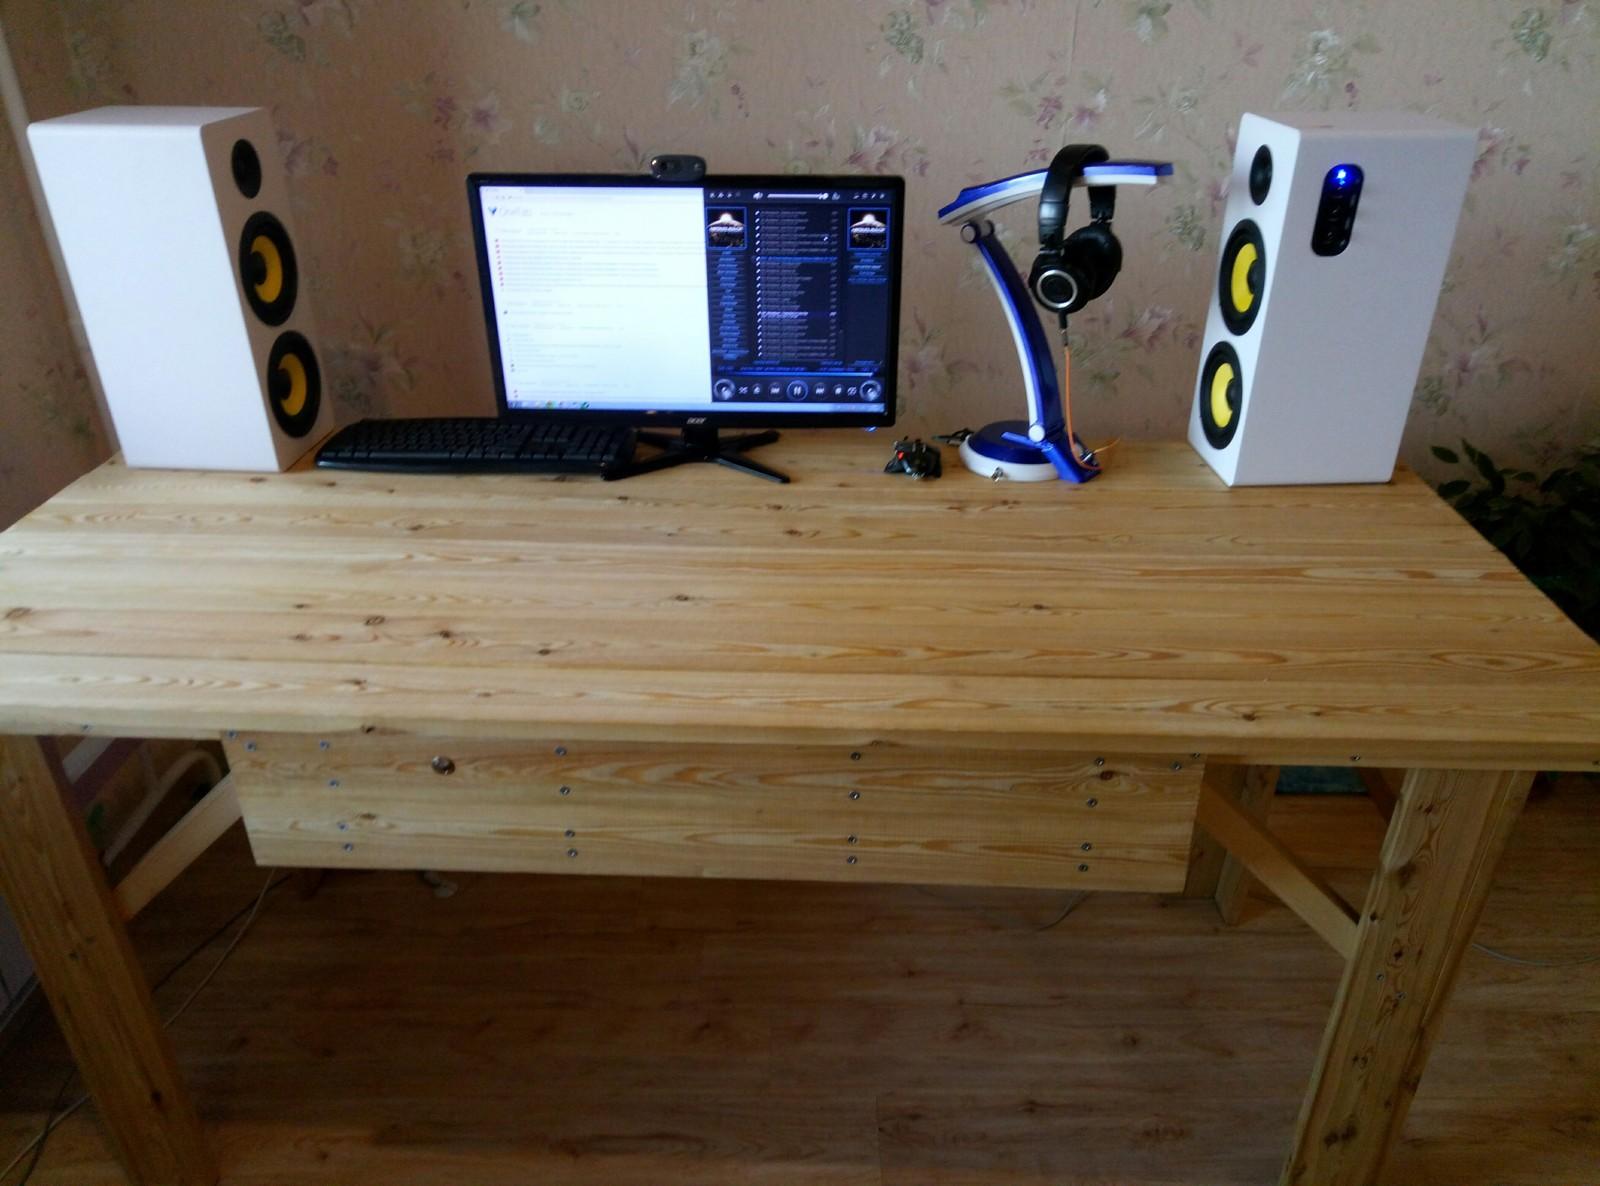 Компьютерный стол своими руками сделано, чтобы, переехал, сообщества, колонки, сделал, спереди, разъём, открыть, Потом, Леруа, дерева, досок, Далее, менее, рассказать, столом, справа, переключатель, между